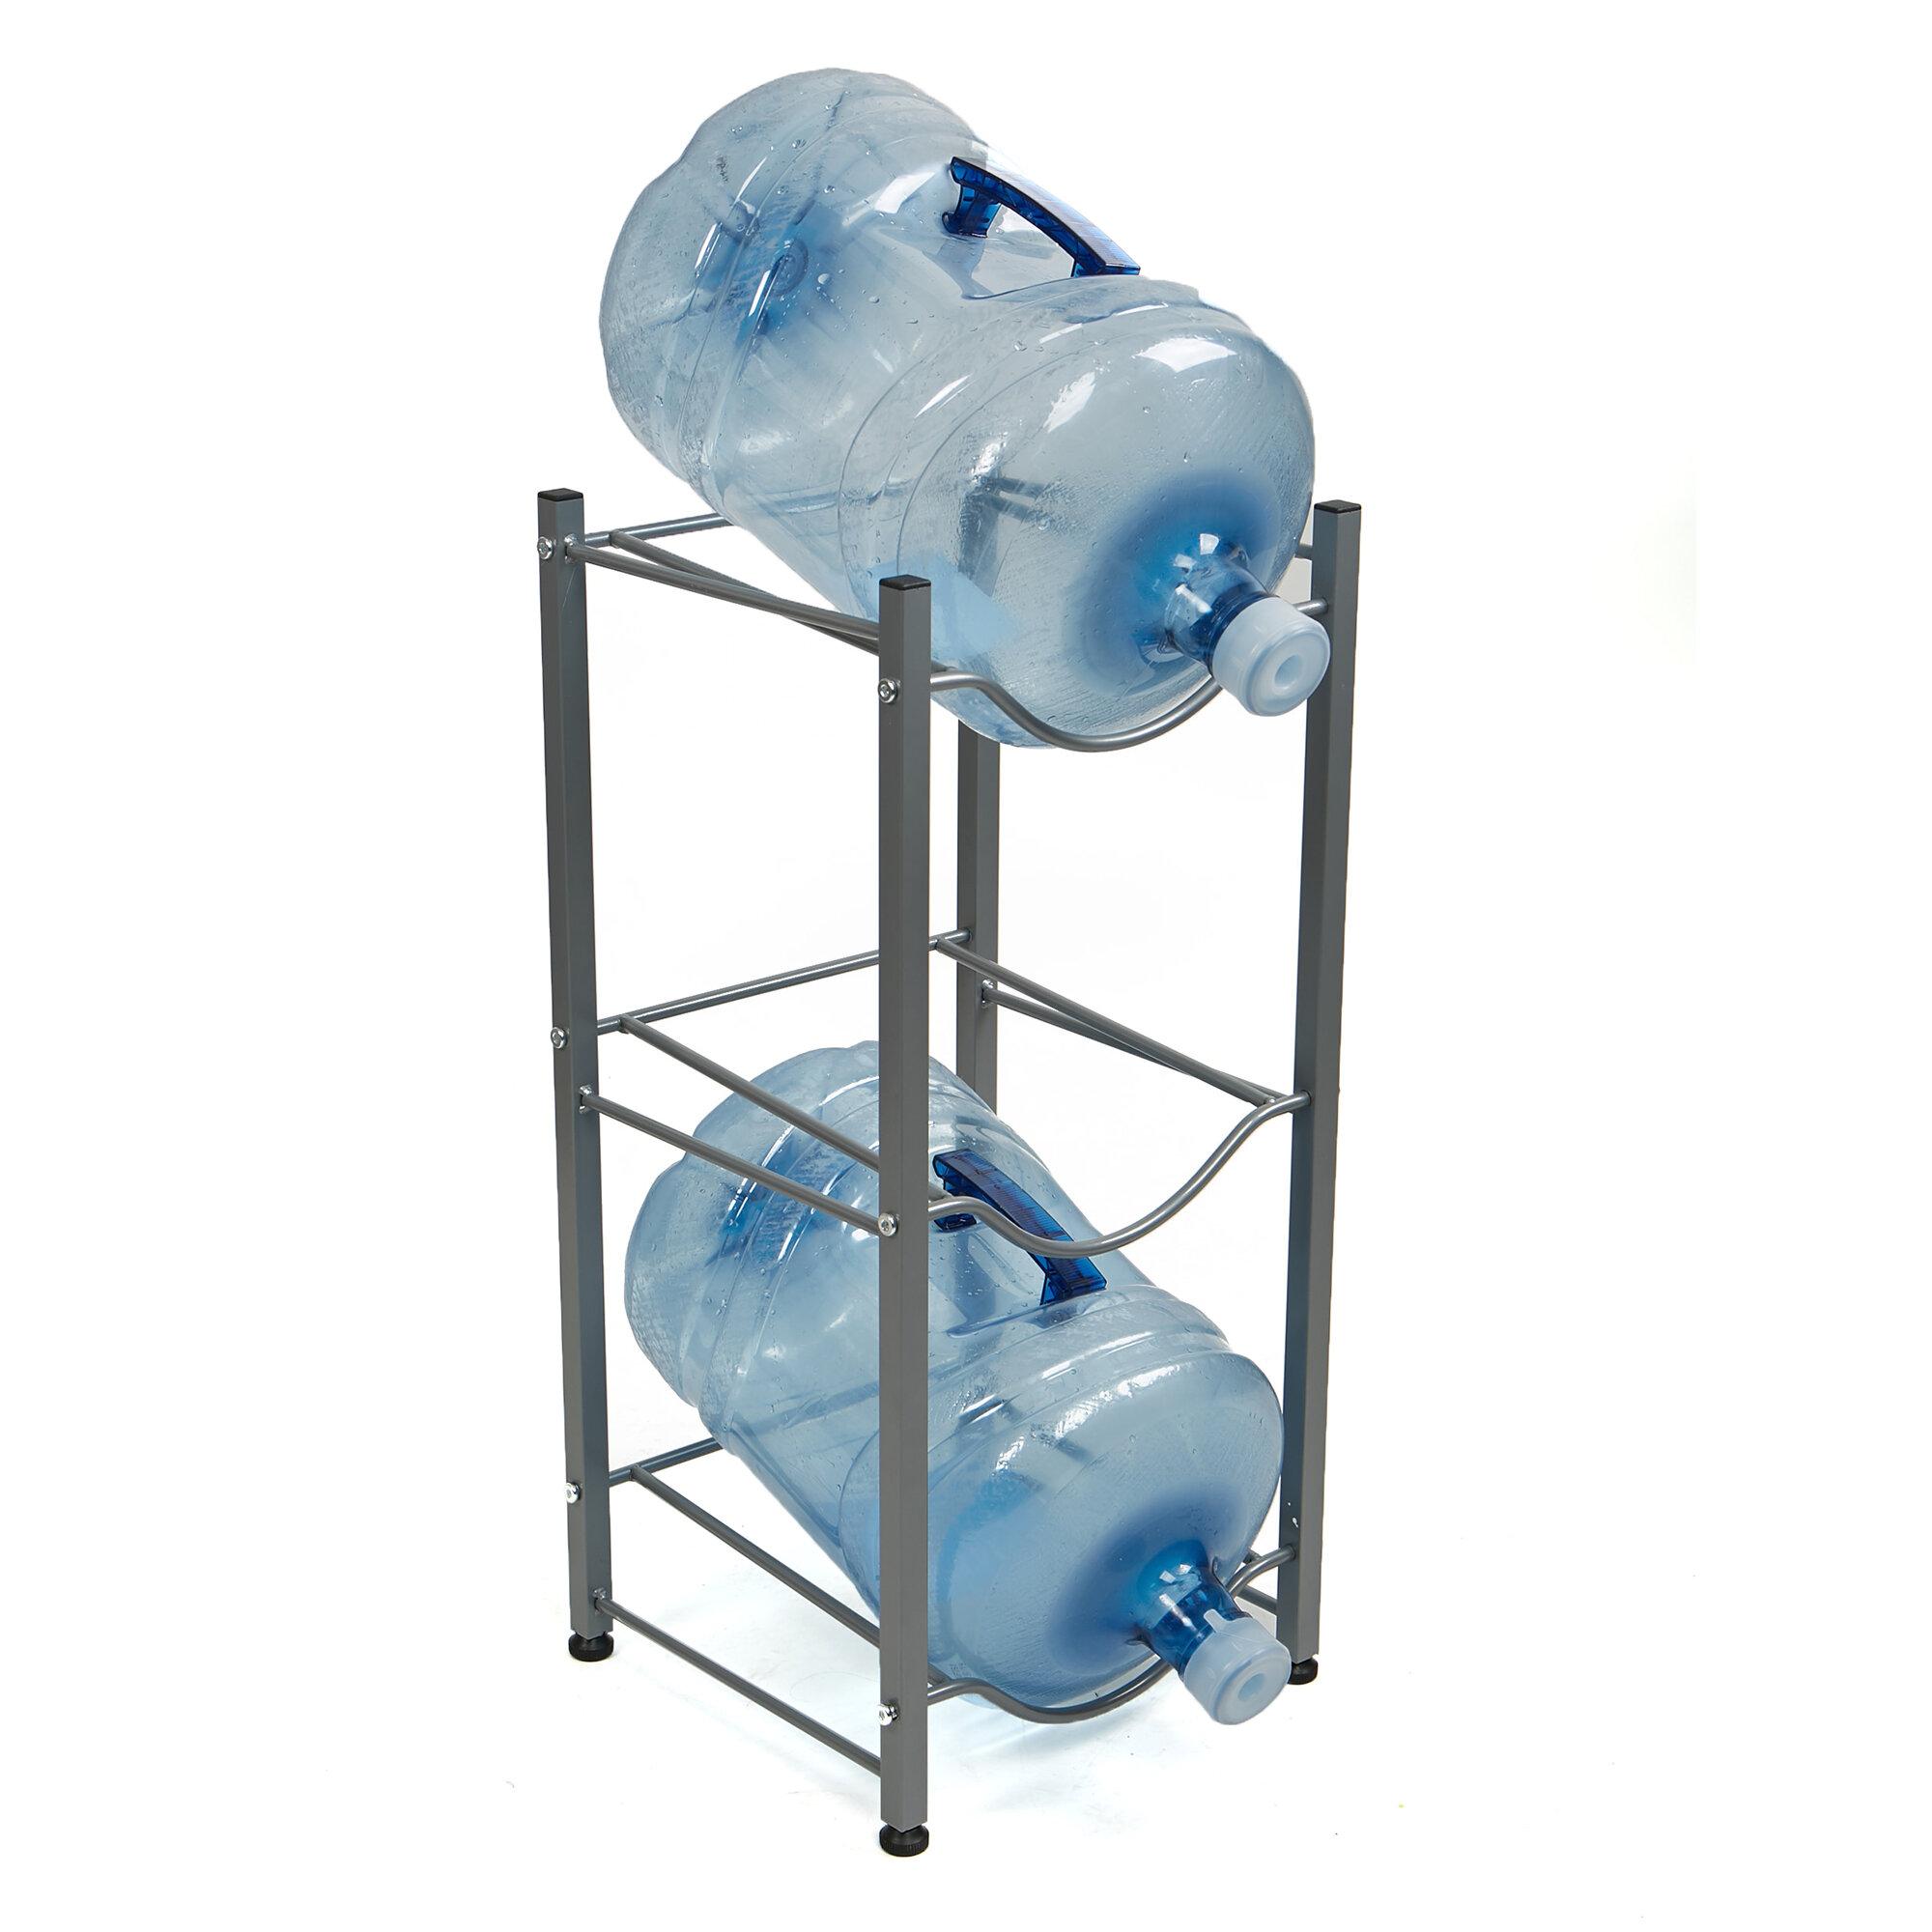 Mind Reader 3 Tier Water Cooler Storage | Wayfair